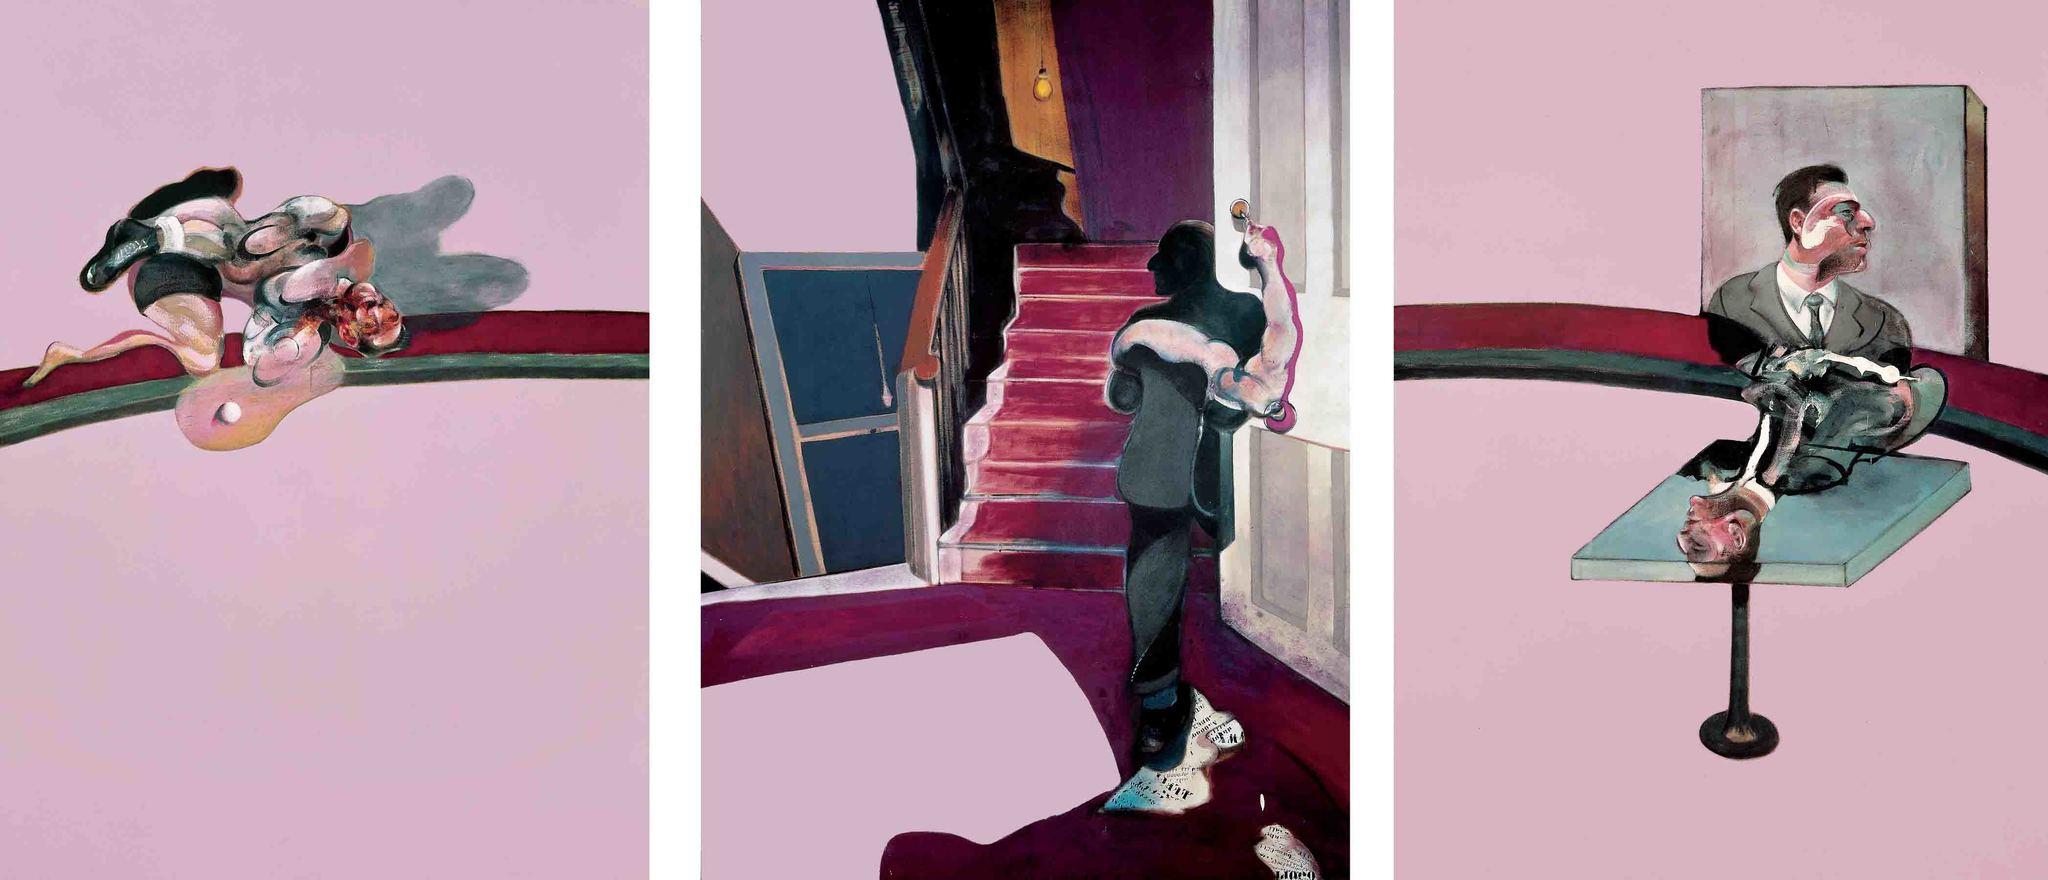 En memoria de George Dyer, de Francis Bacon, una de las obras expuestas en el Centro Pompidou.